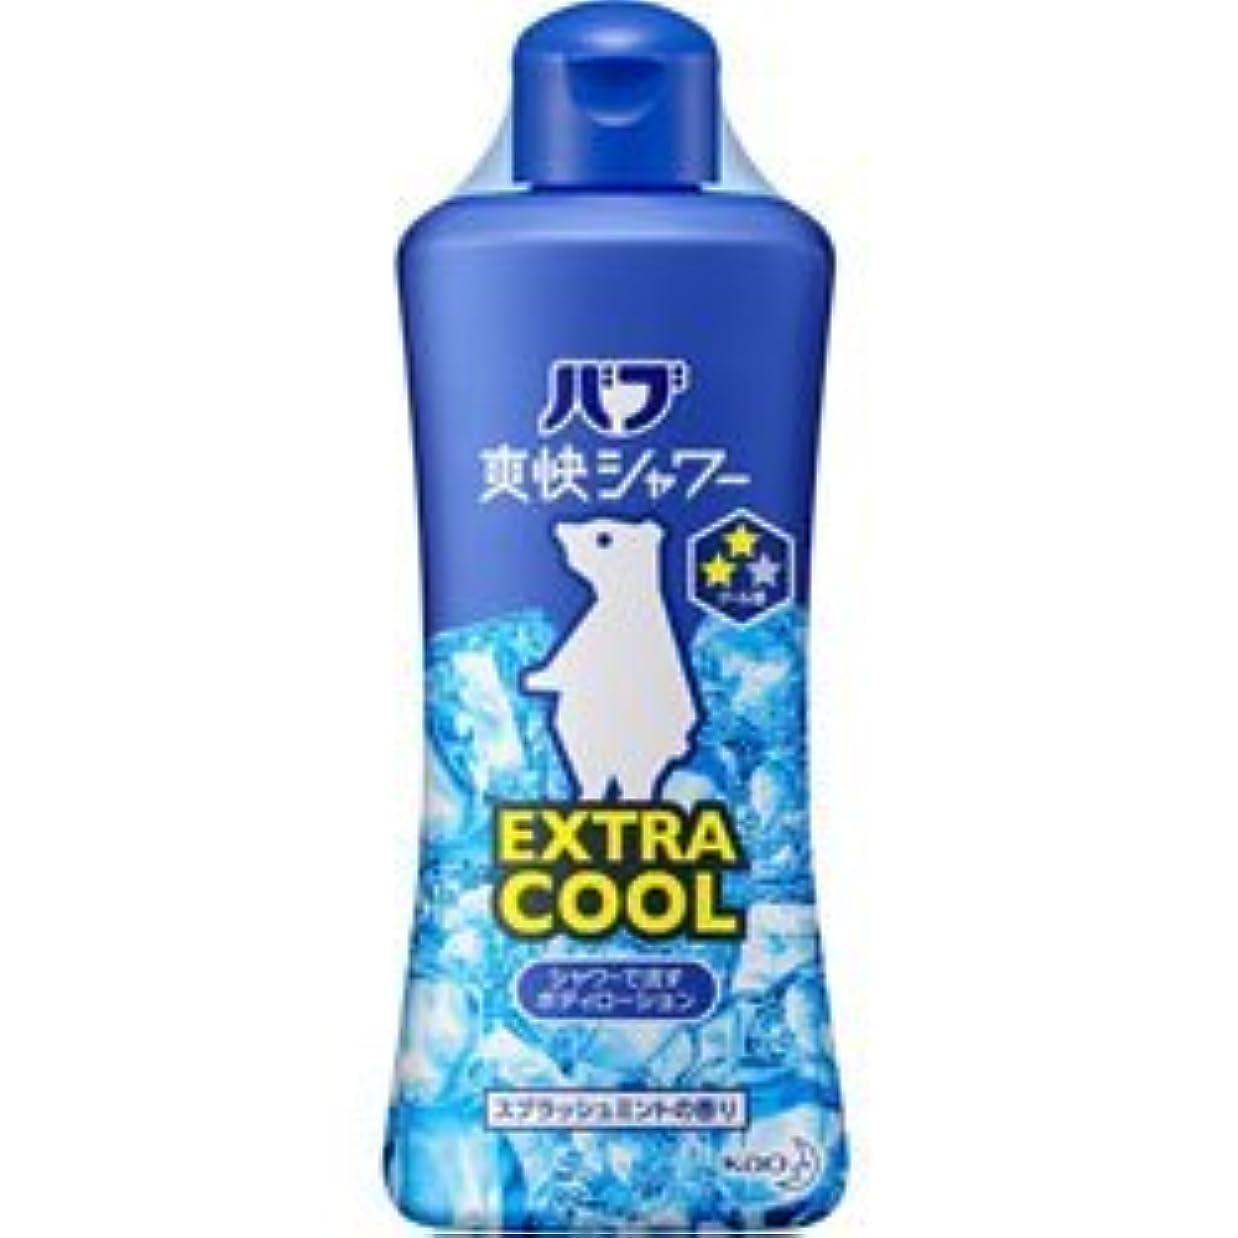 狂った式マグ【花王】バブ爽快シャワー エクストラクール スプラッシュミントの香り 250ml ×5個セット